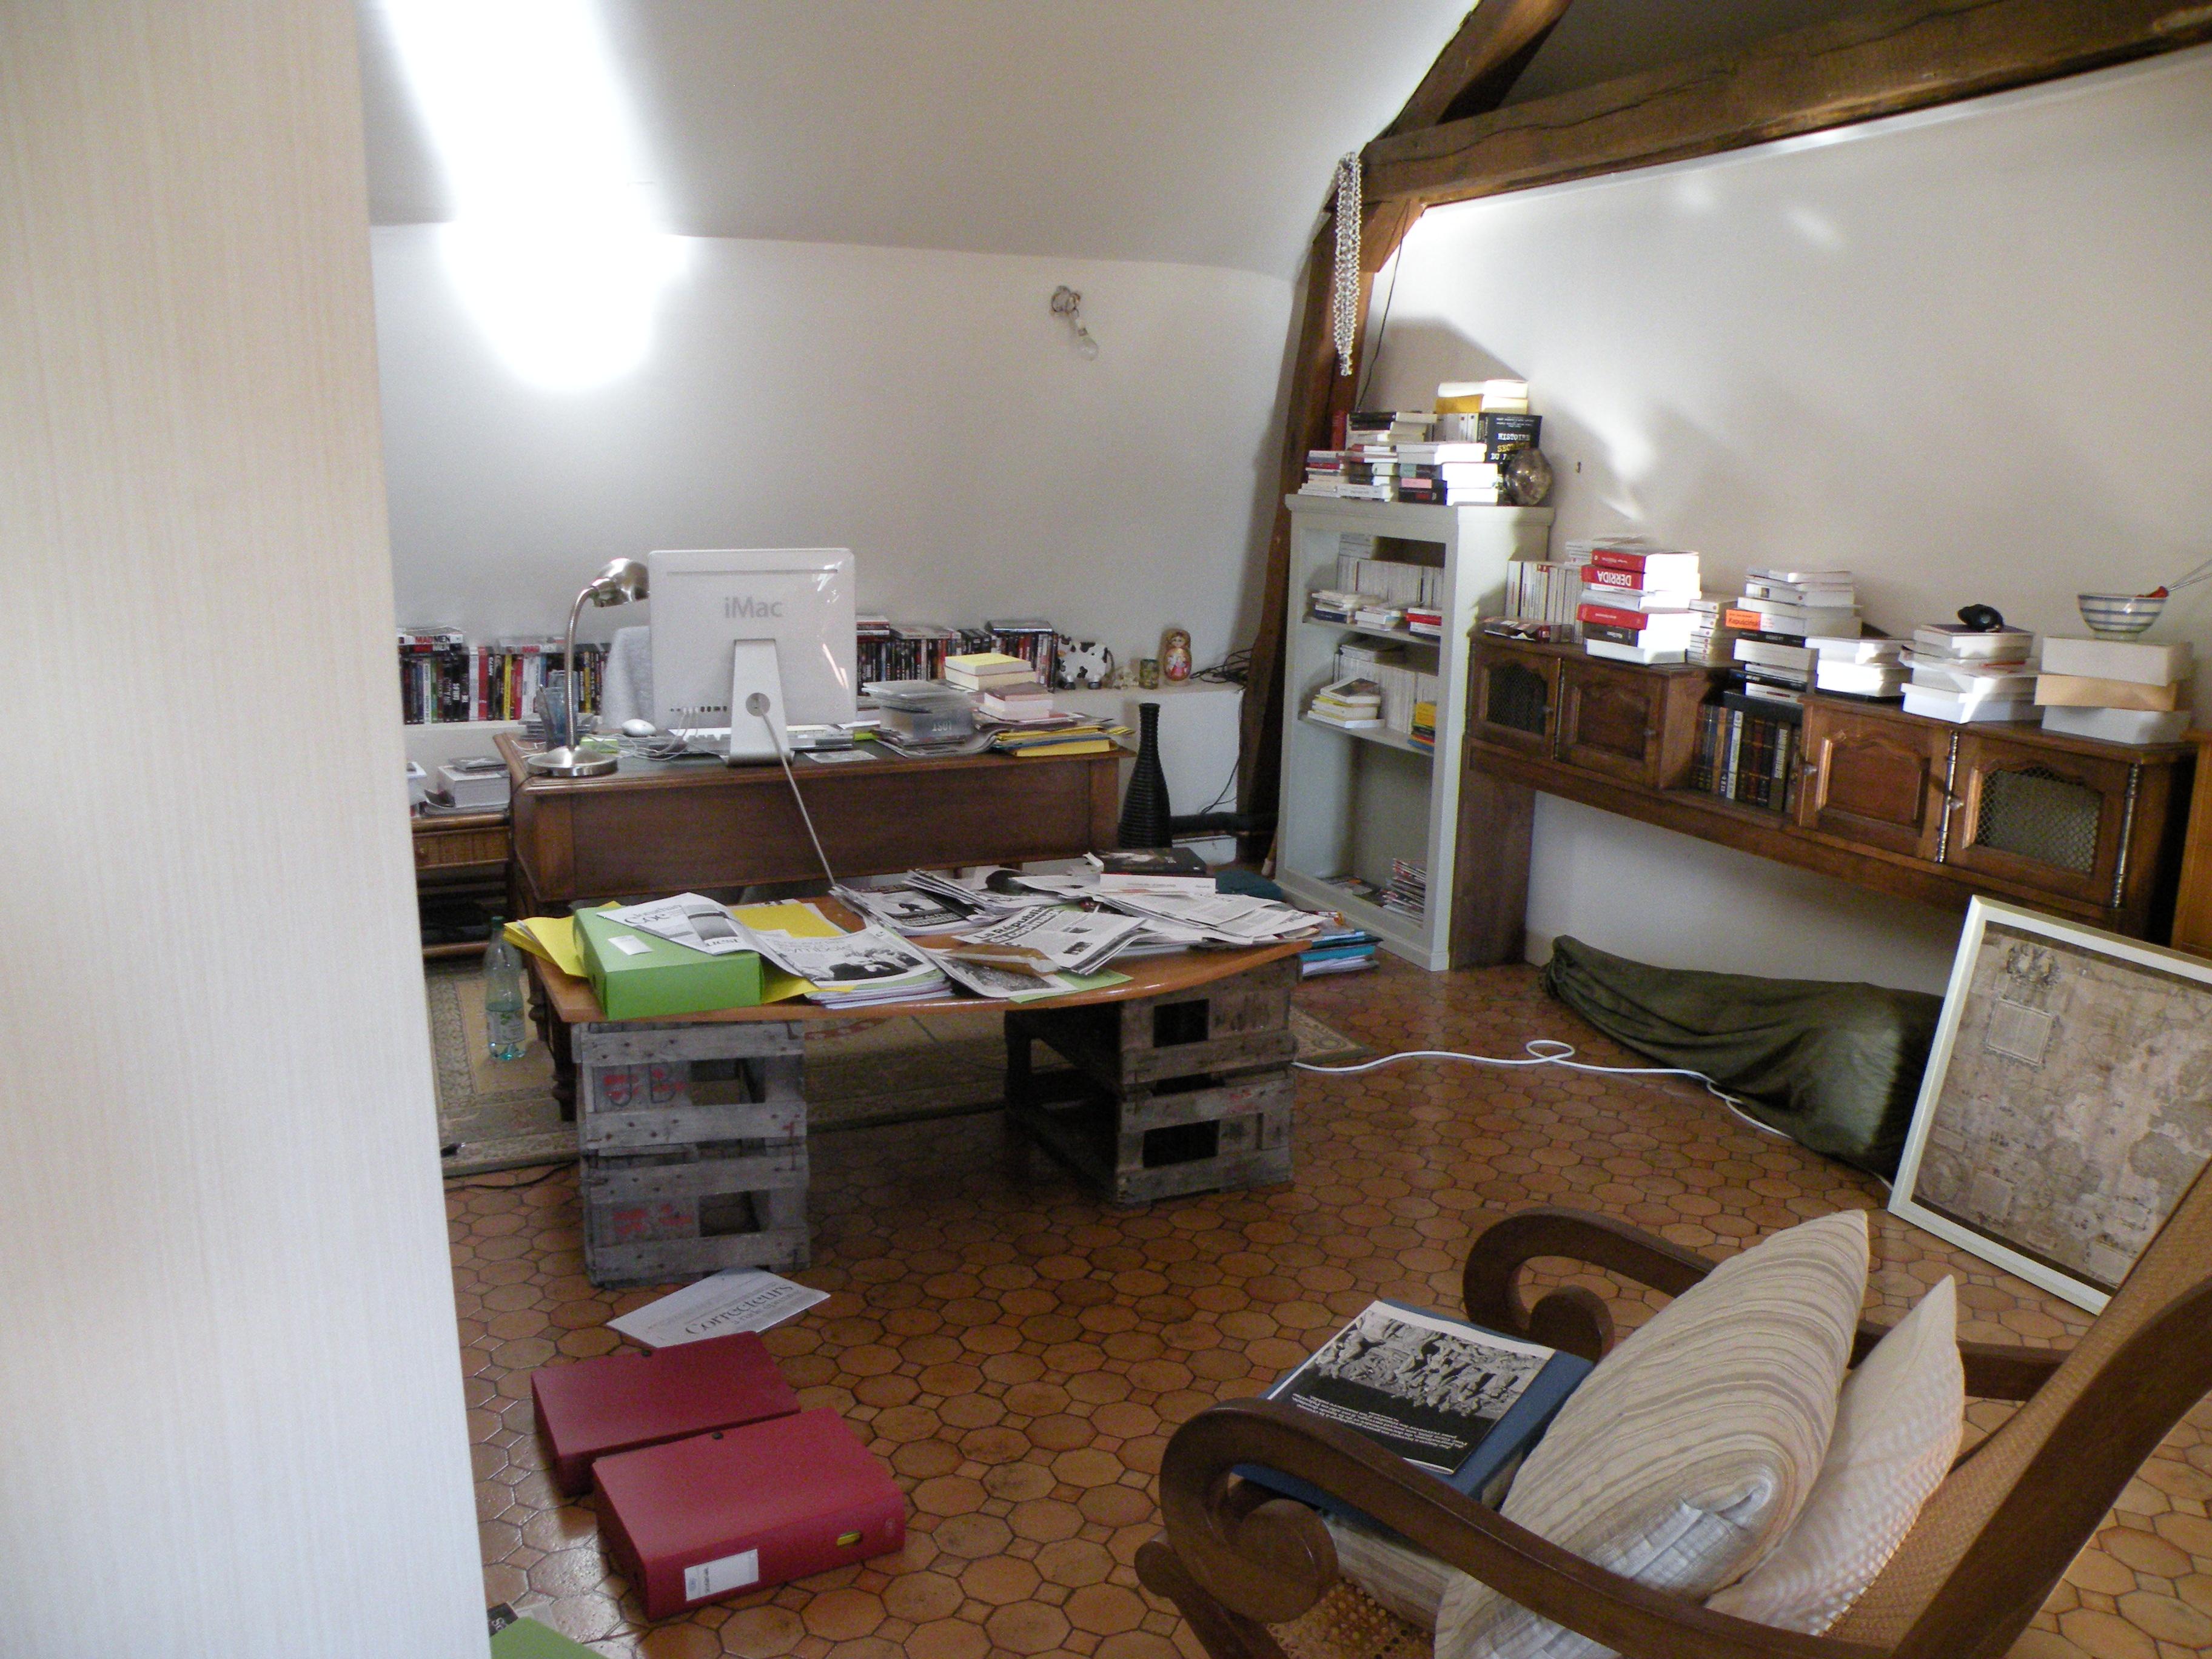 201 la liste de l espace. Black Bedroom Furniture Sets. Home Design Ideas